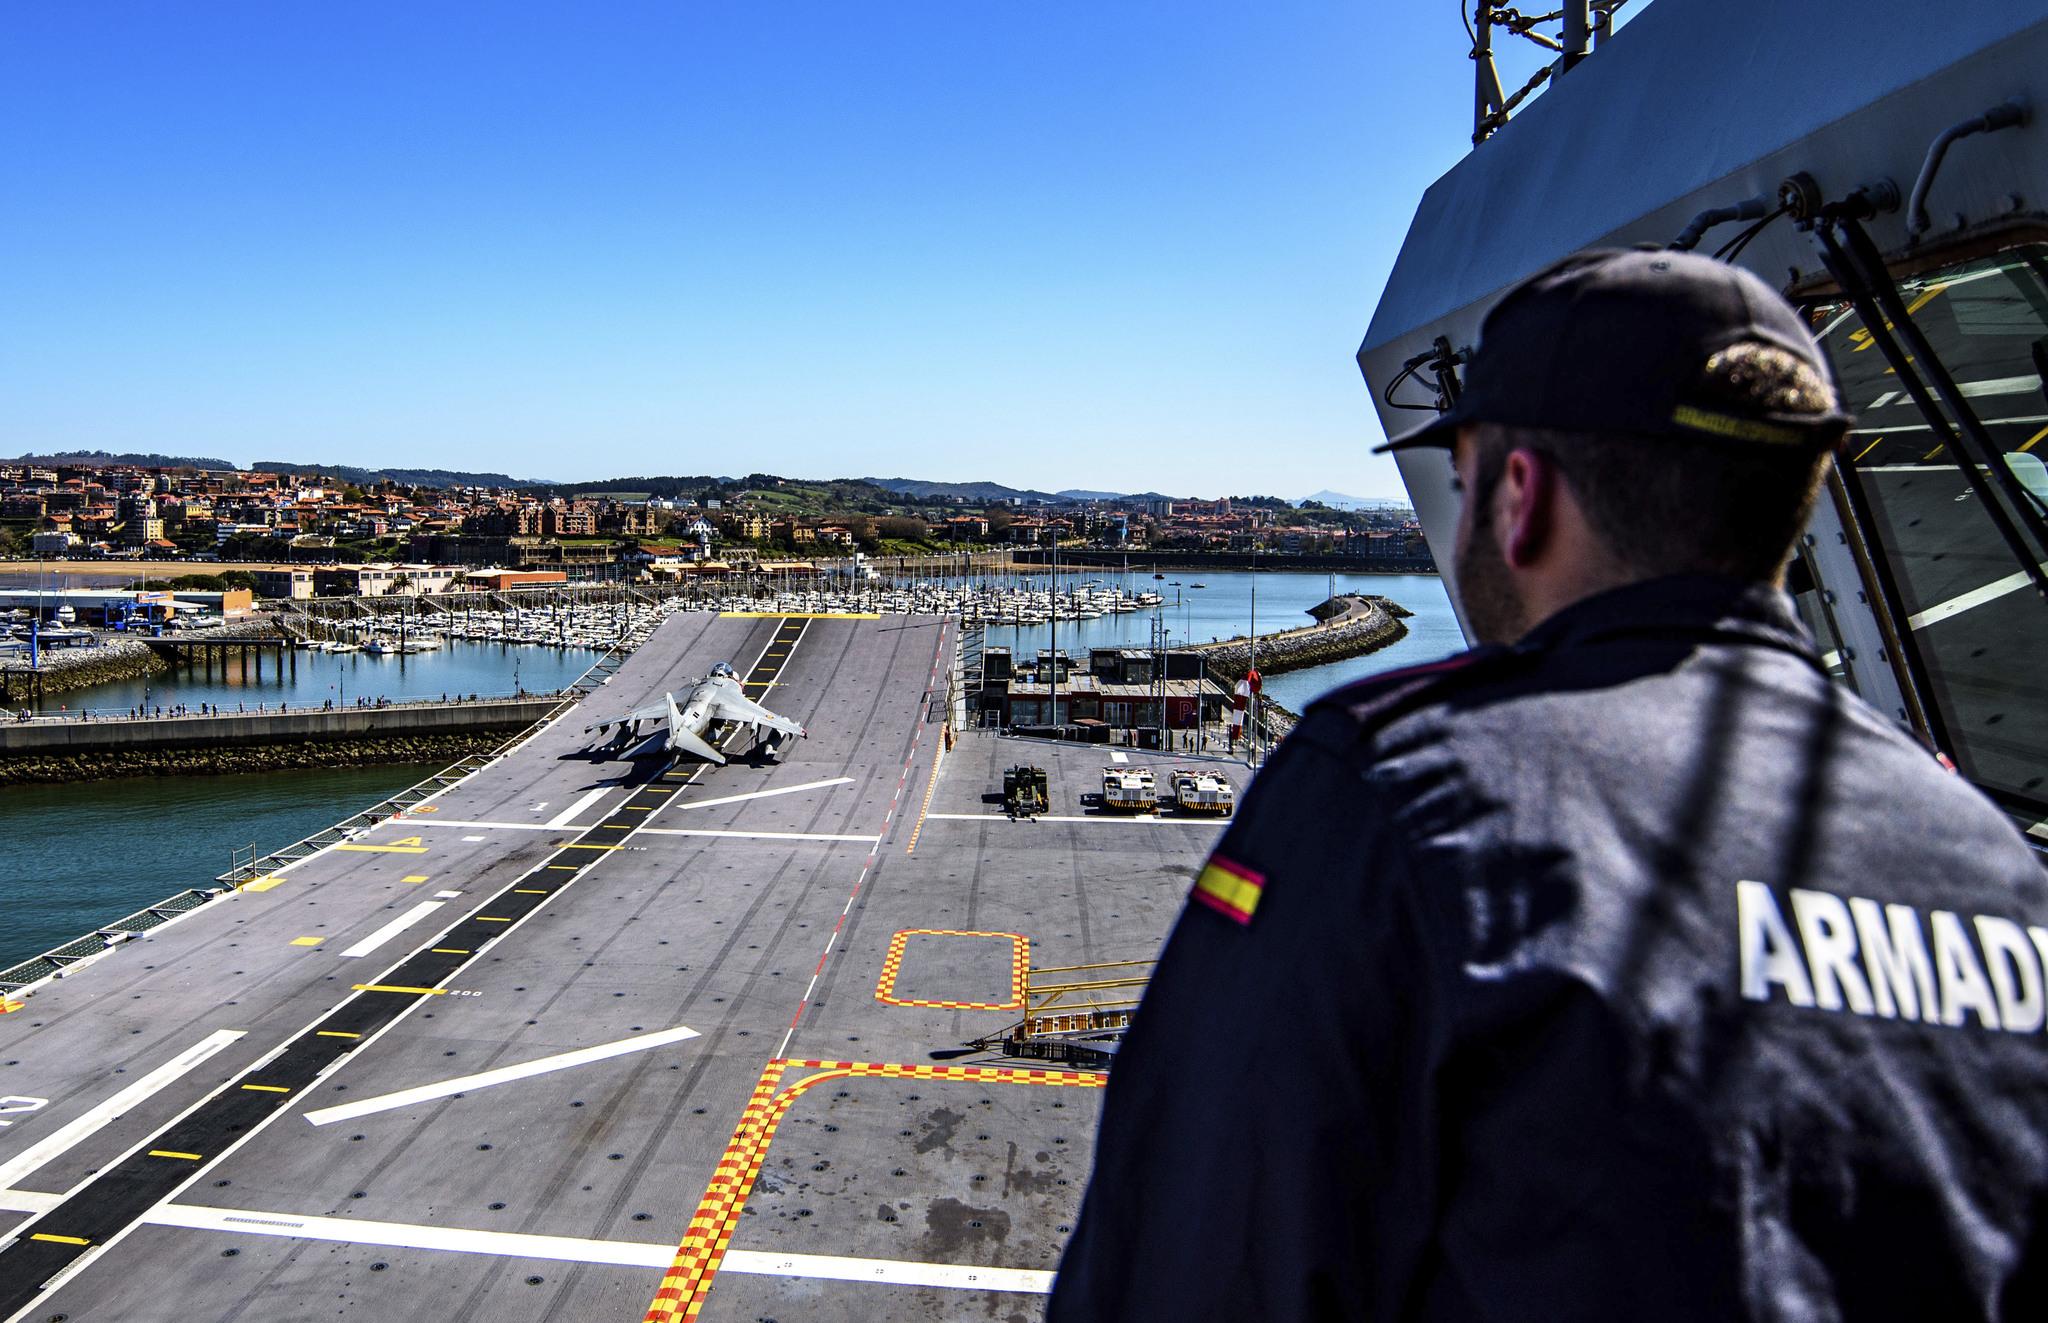 Un miembro de la tripulación  en la cubierta del 'Juan Carlos I' atracado en Getxo.